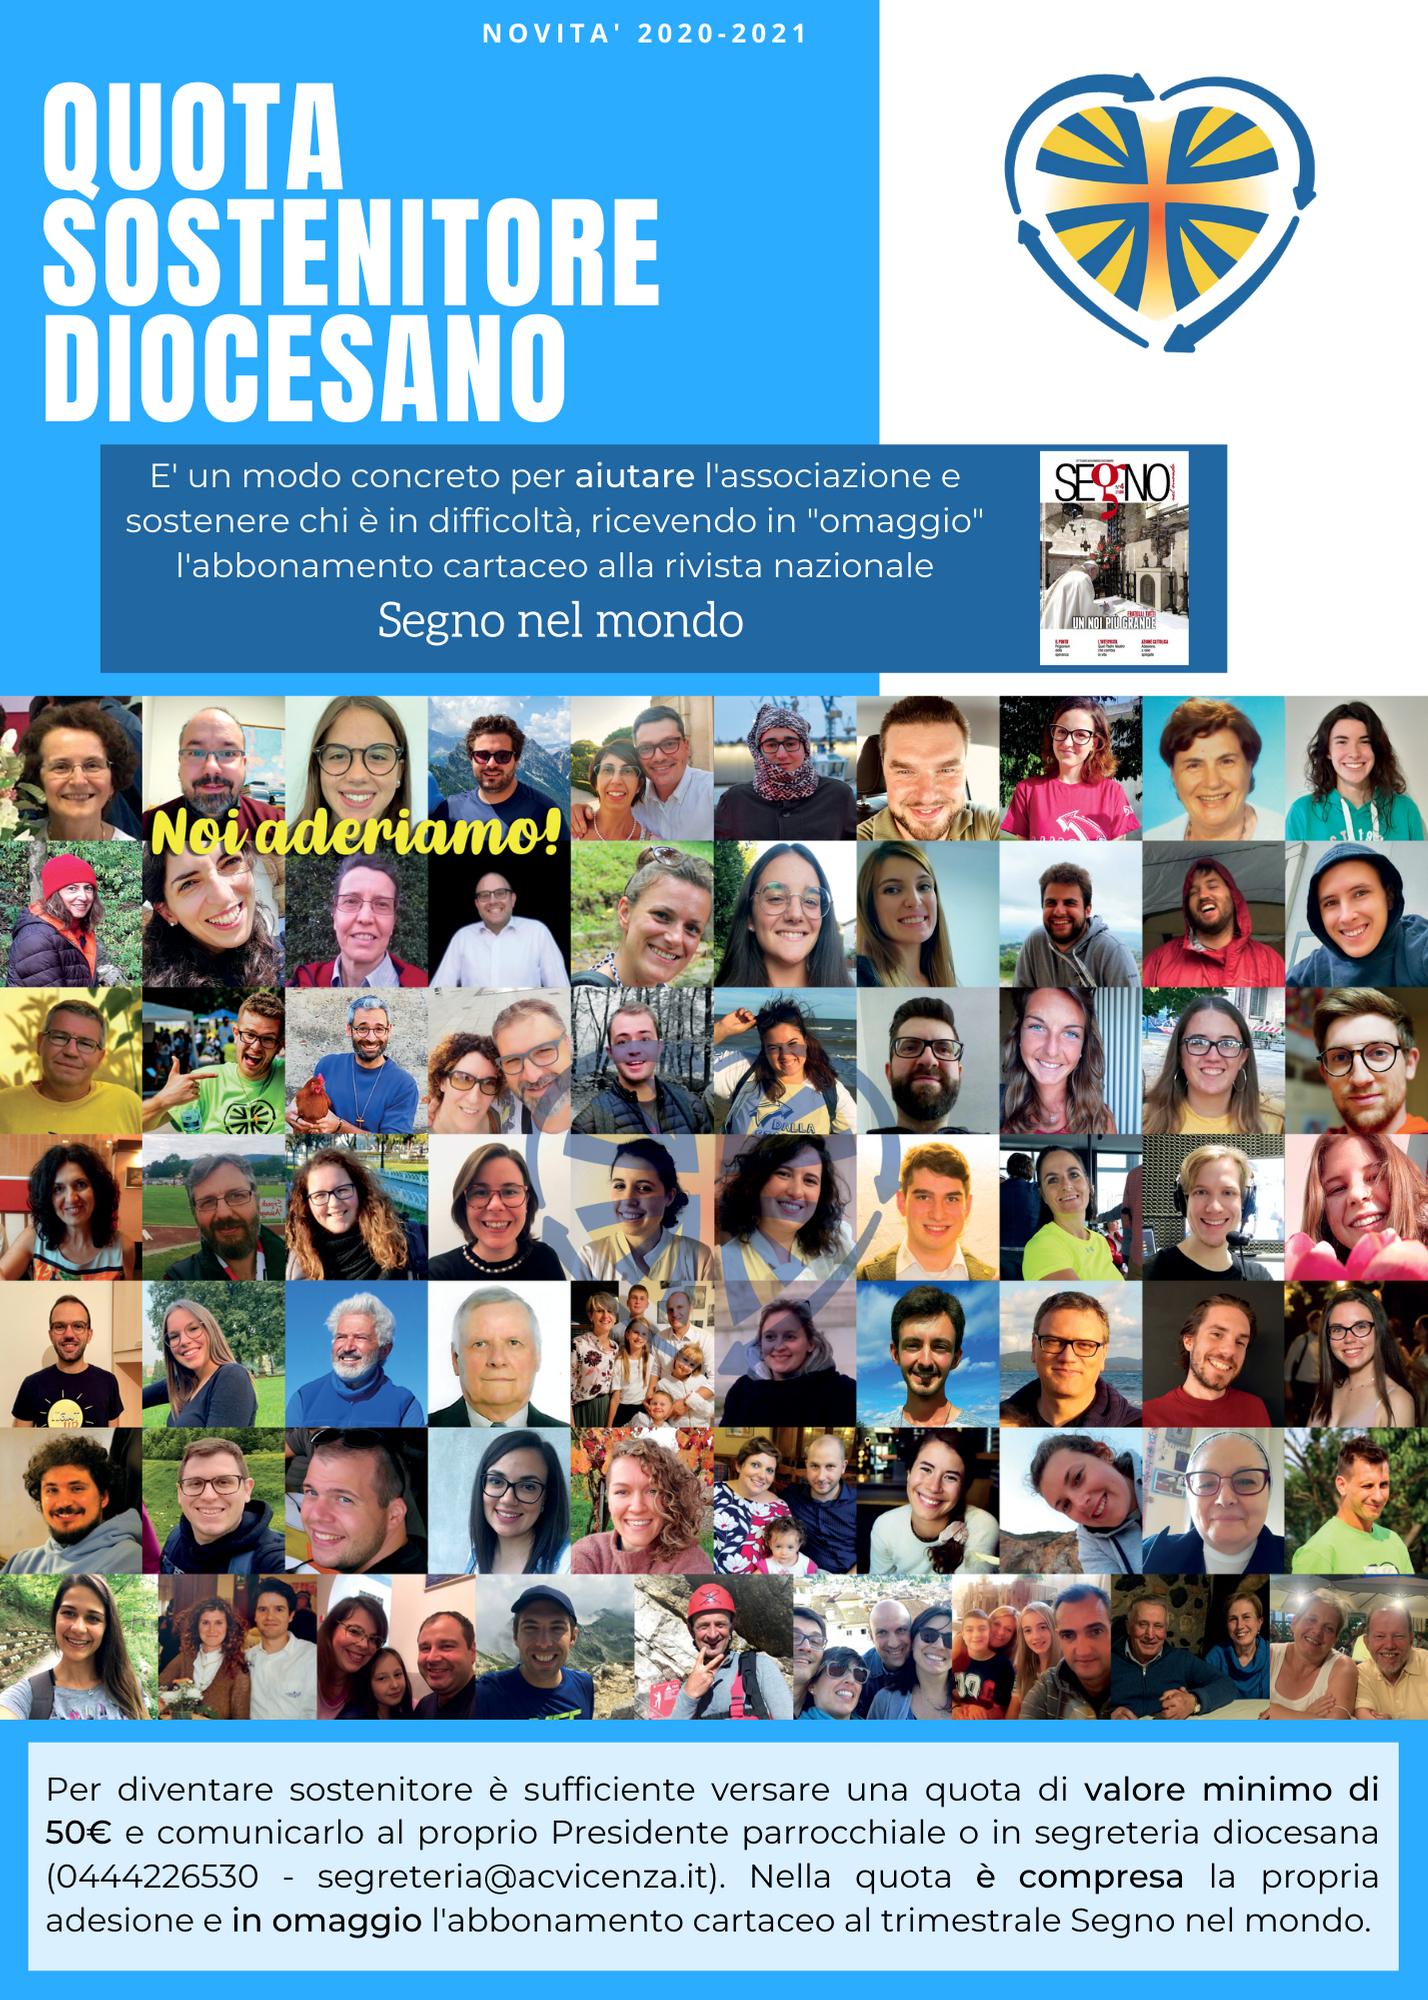 Sostenitore diocesano